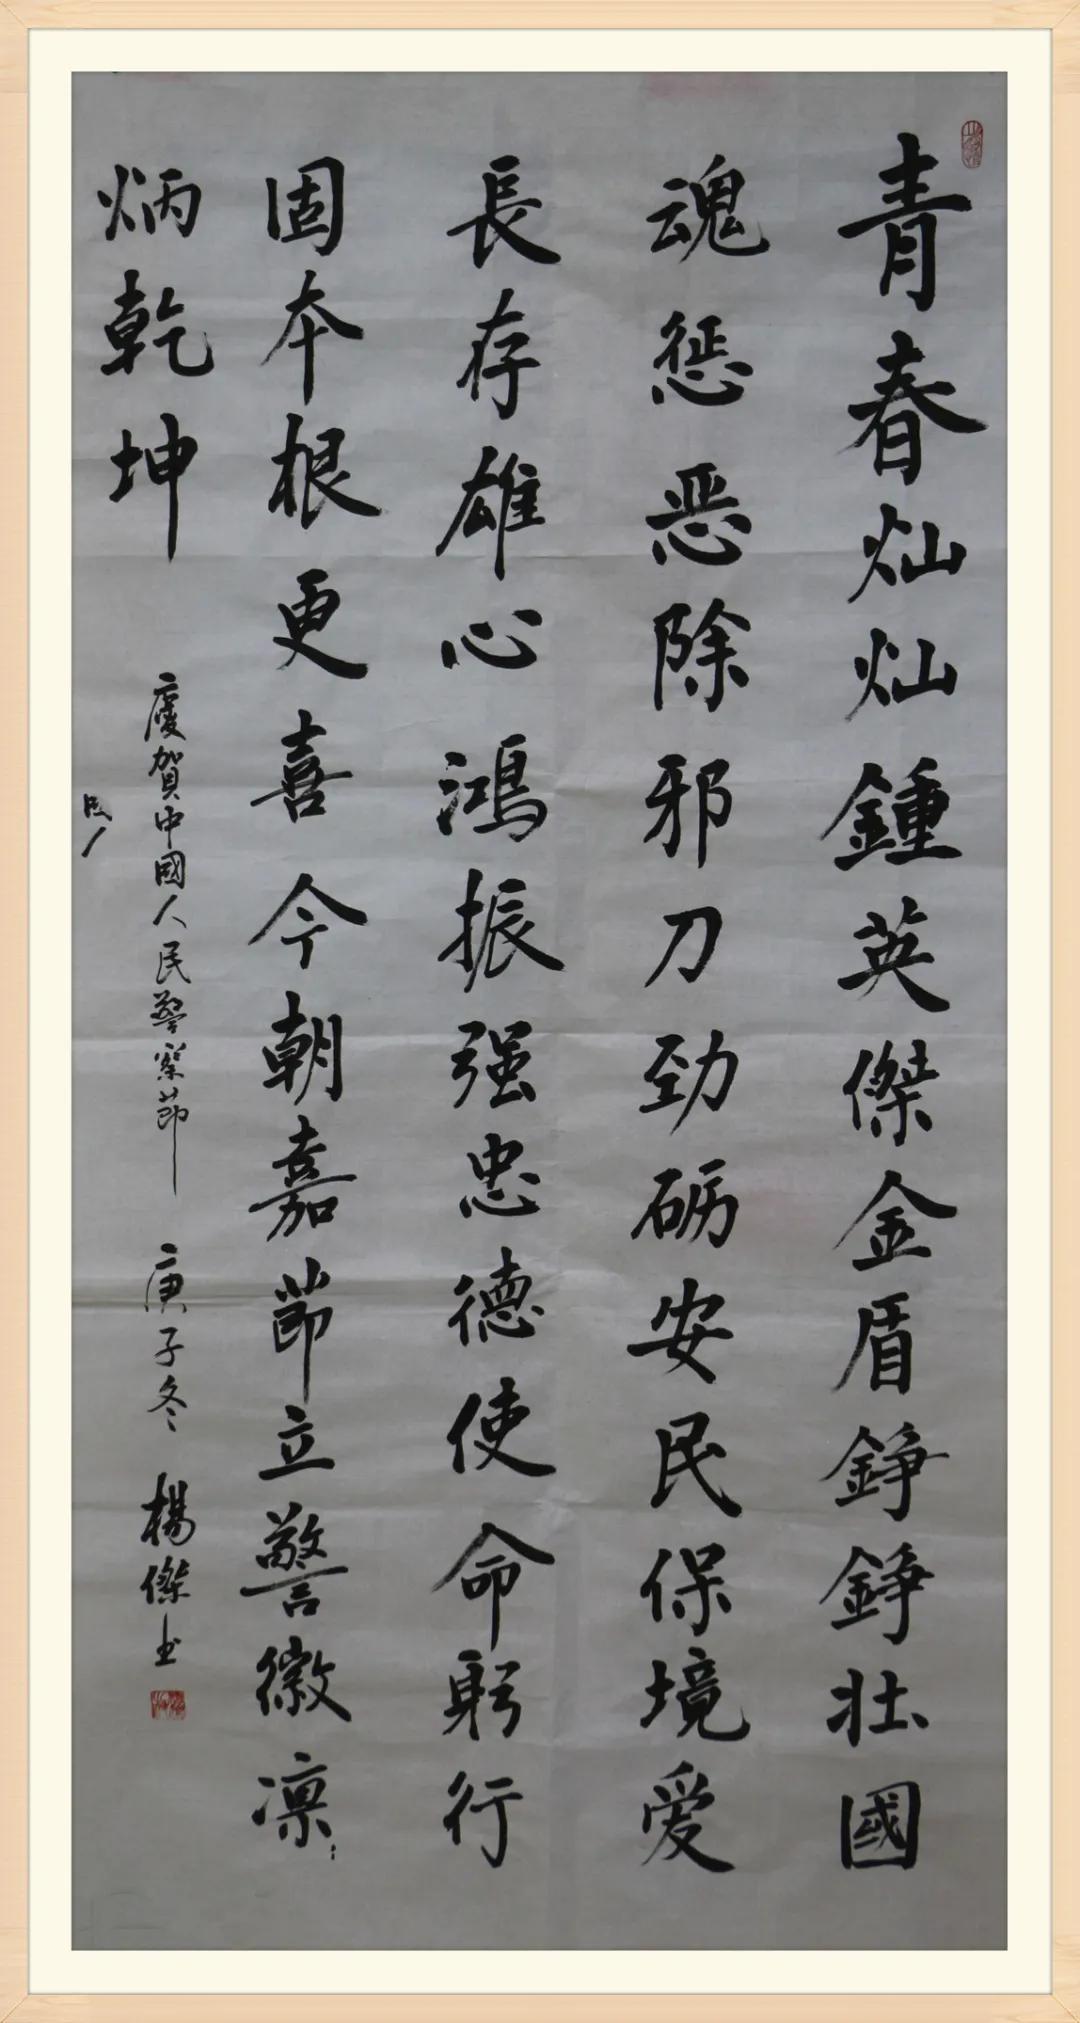 「你好,警察节」书画献礼警察节 笔墨丹青写忠诚